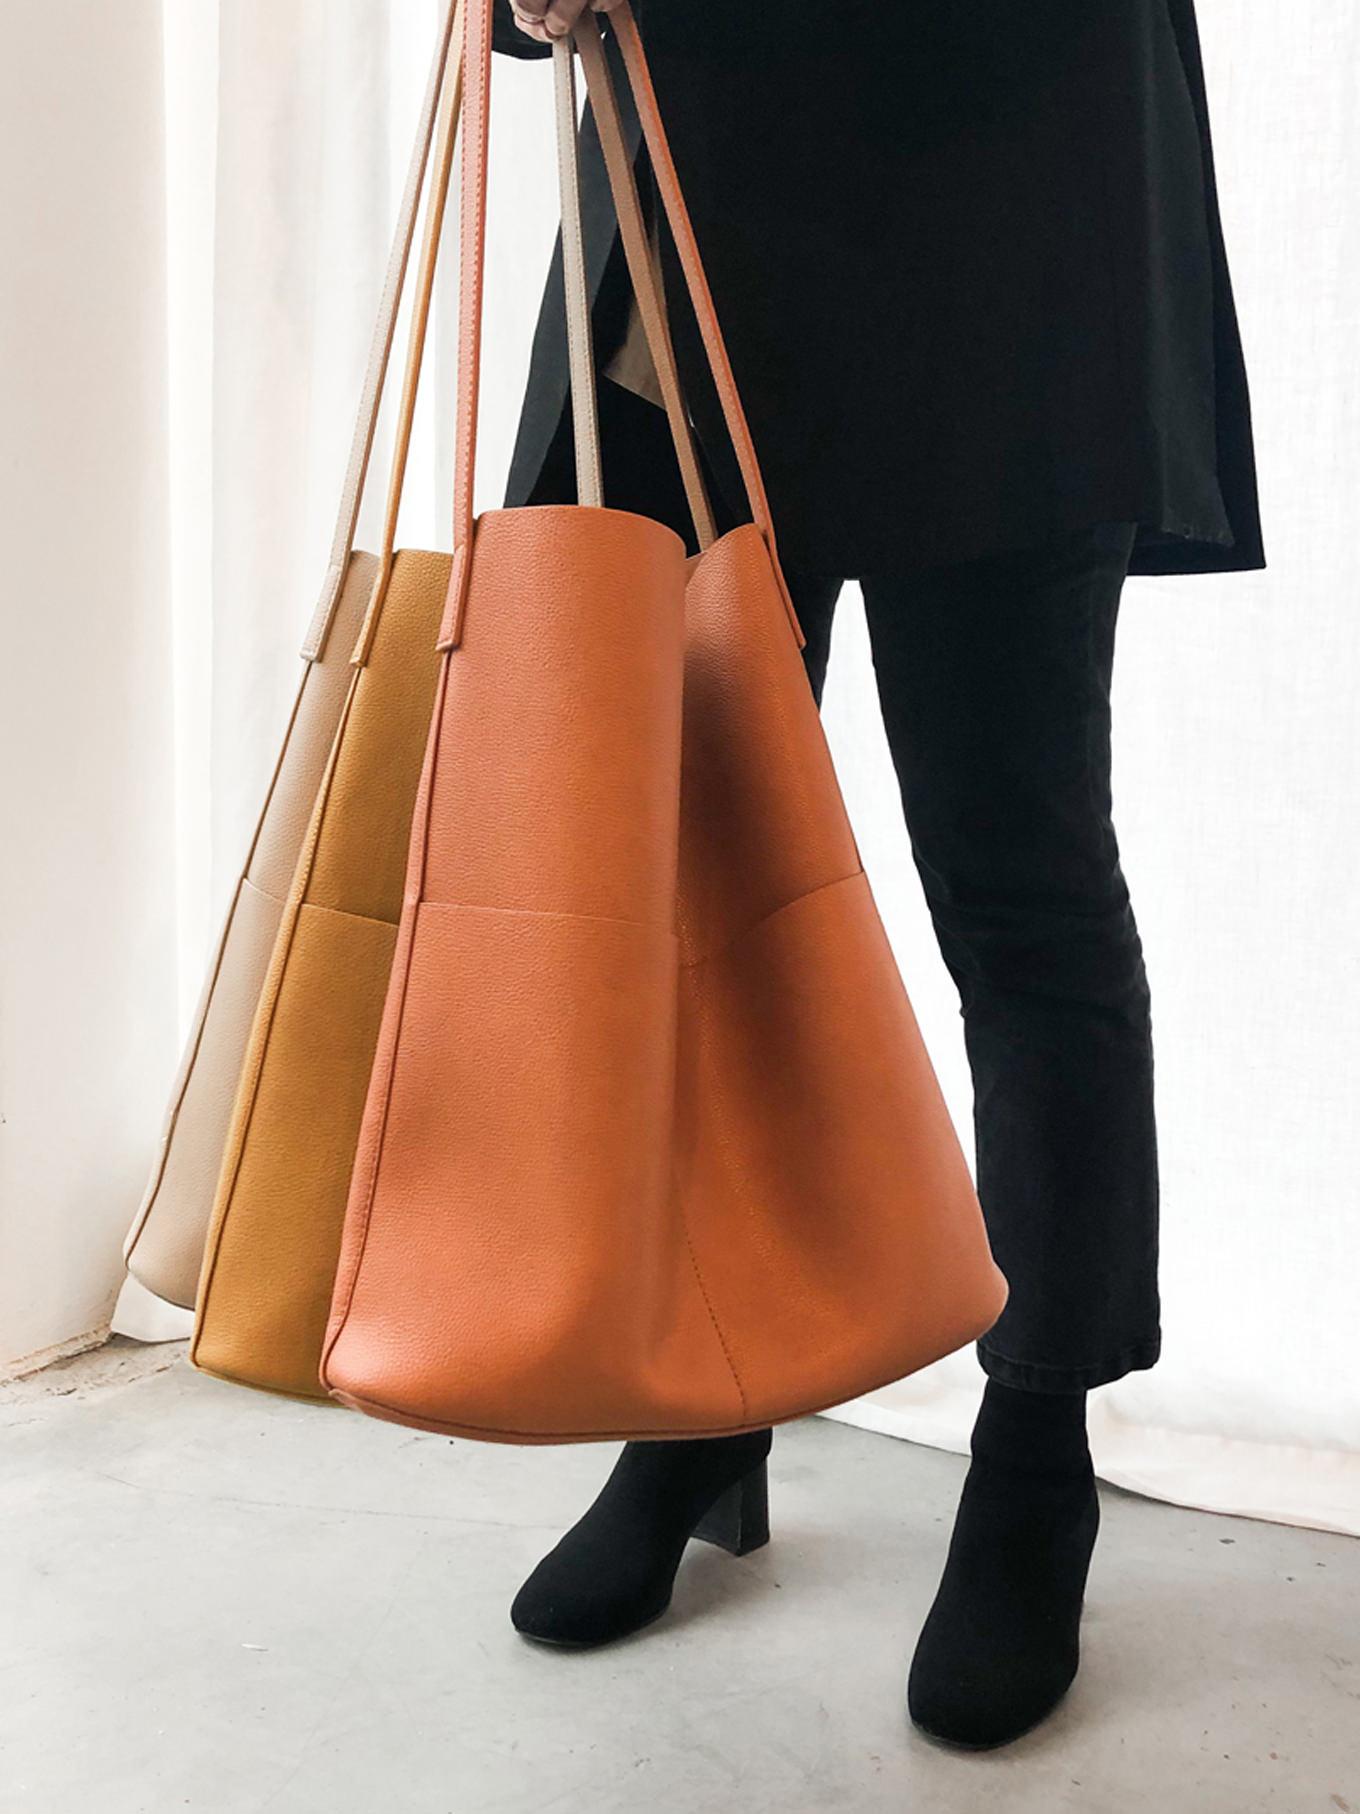 Women's accessories bag